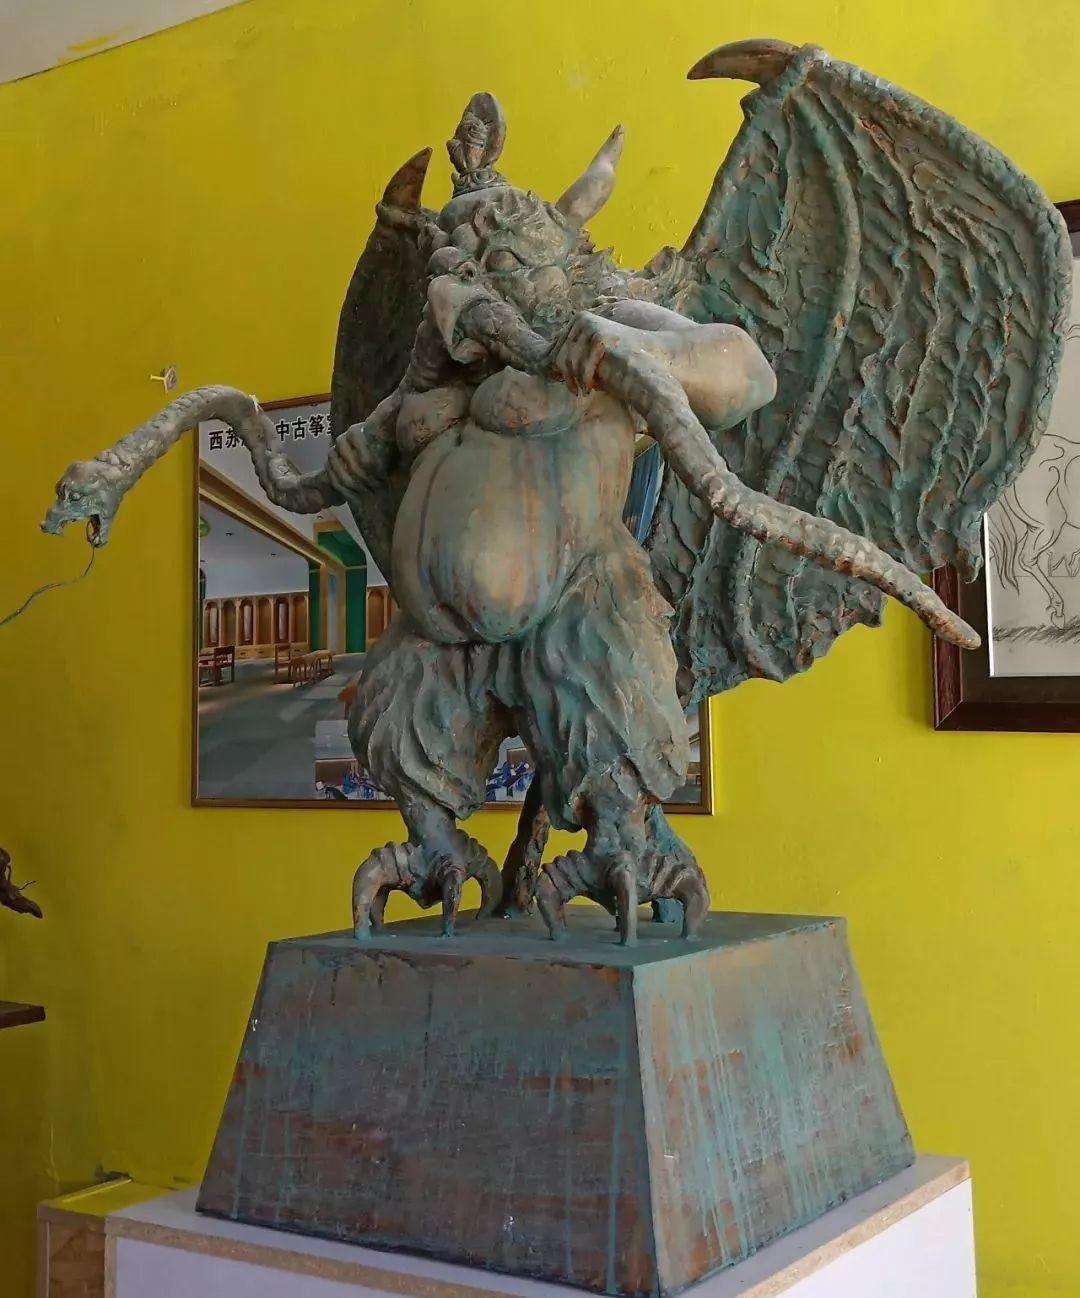 【头条】蒙古族小伙用雕塑艺术创作出个性作品 第15张 【头条】蒙古族小伙用雕塑艺术创作出个性作品 蒙古画廊